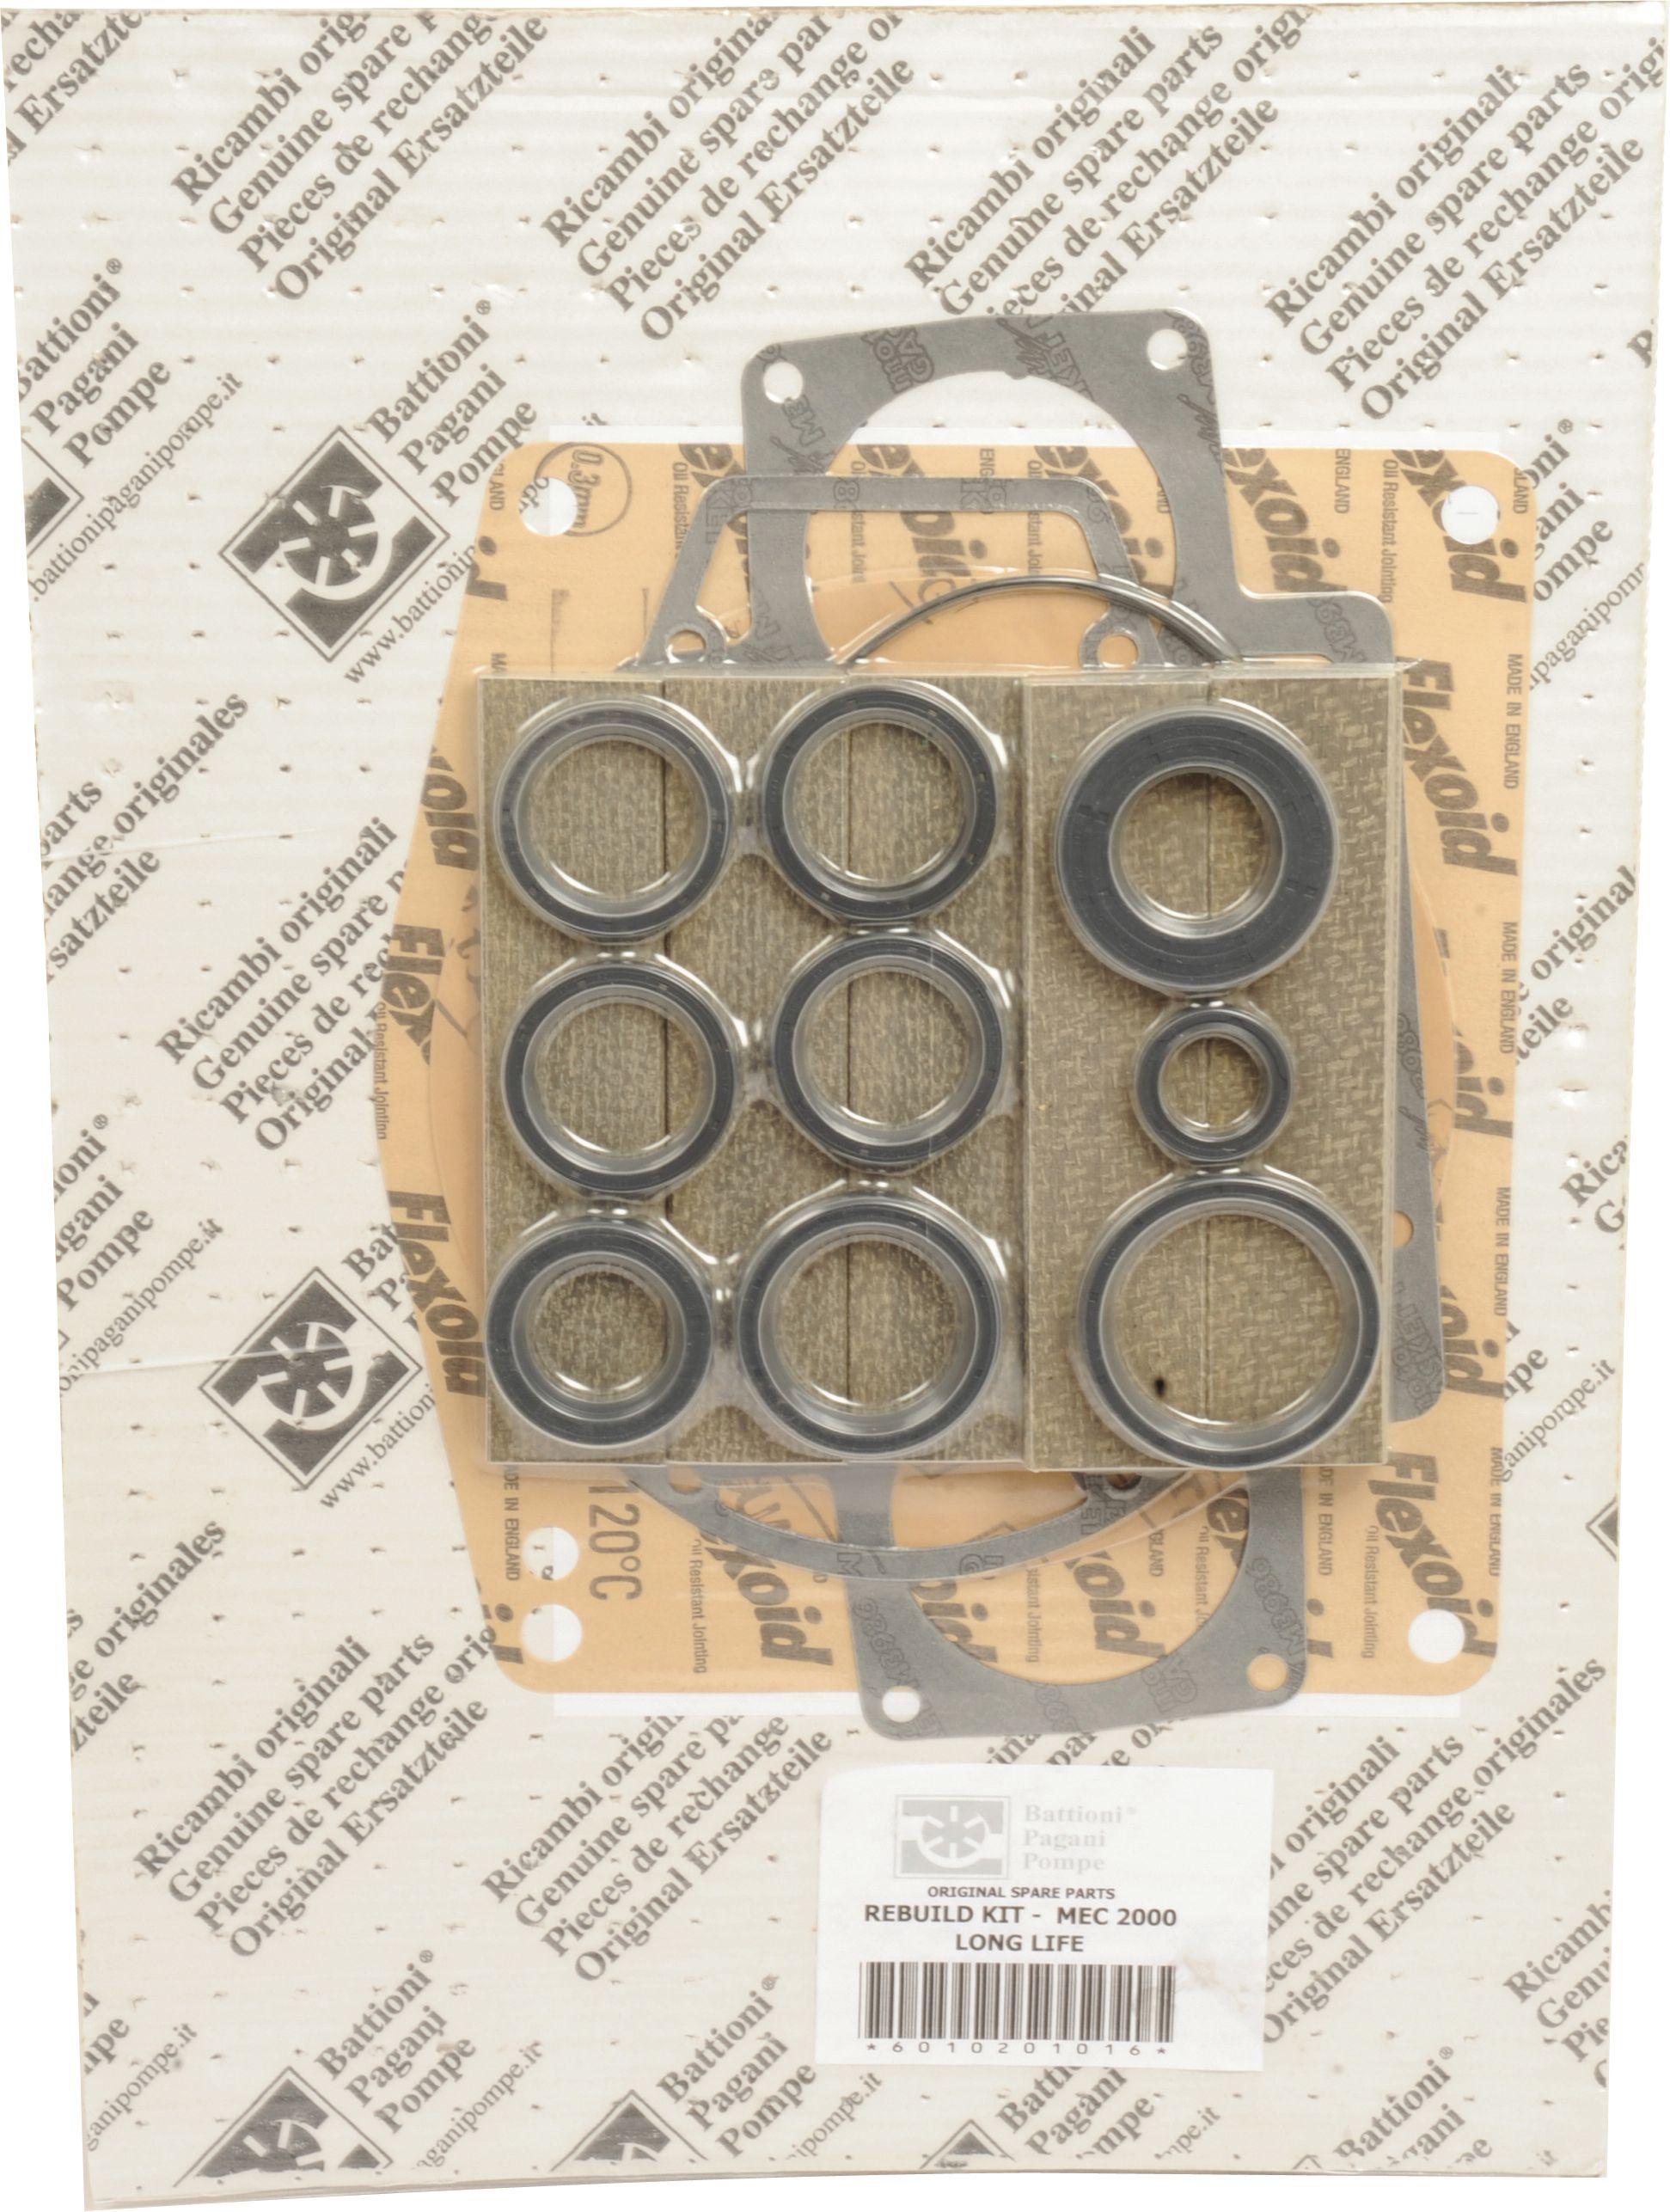 BATTIONI PAGANI POMP REBUILD KIT-MEC 2000 L/L 101957